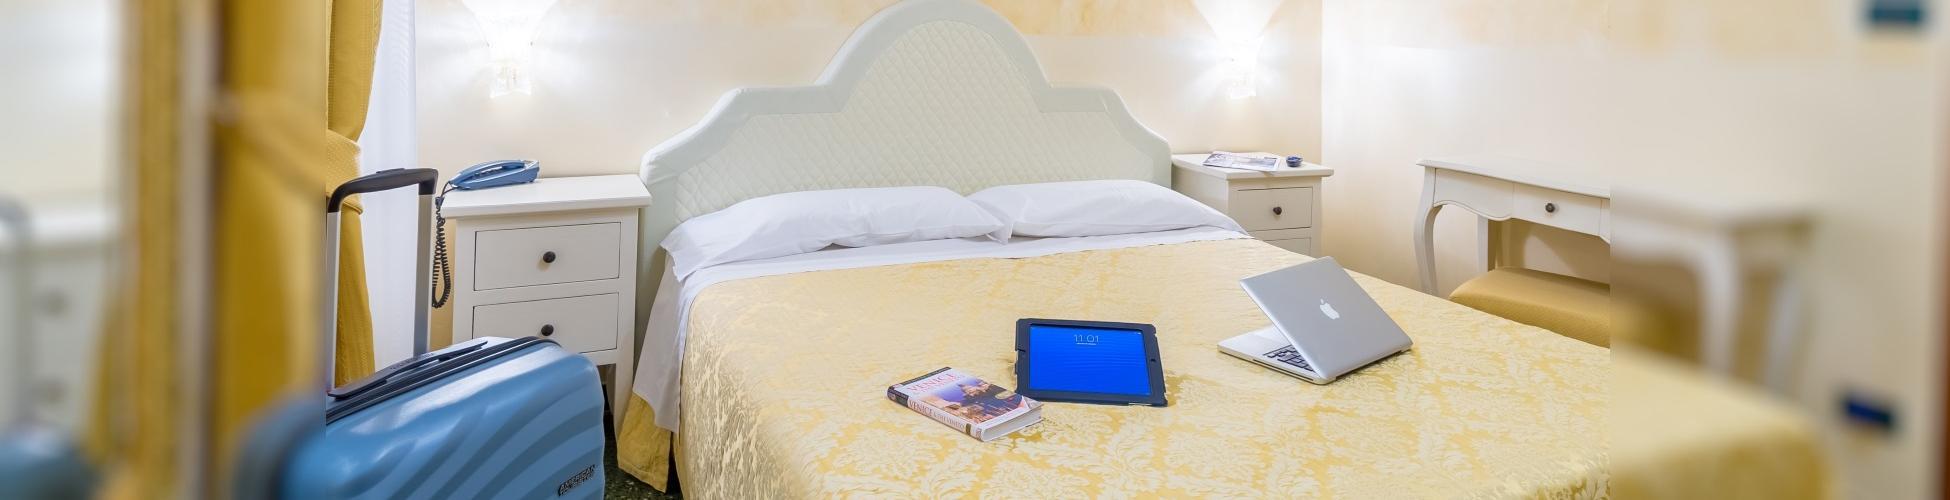 Hotel Mercurio - camere